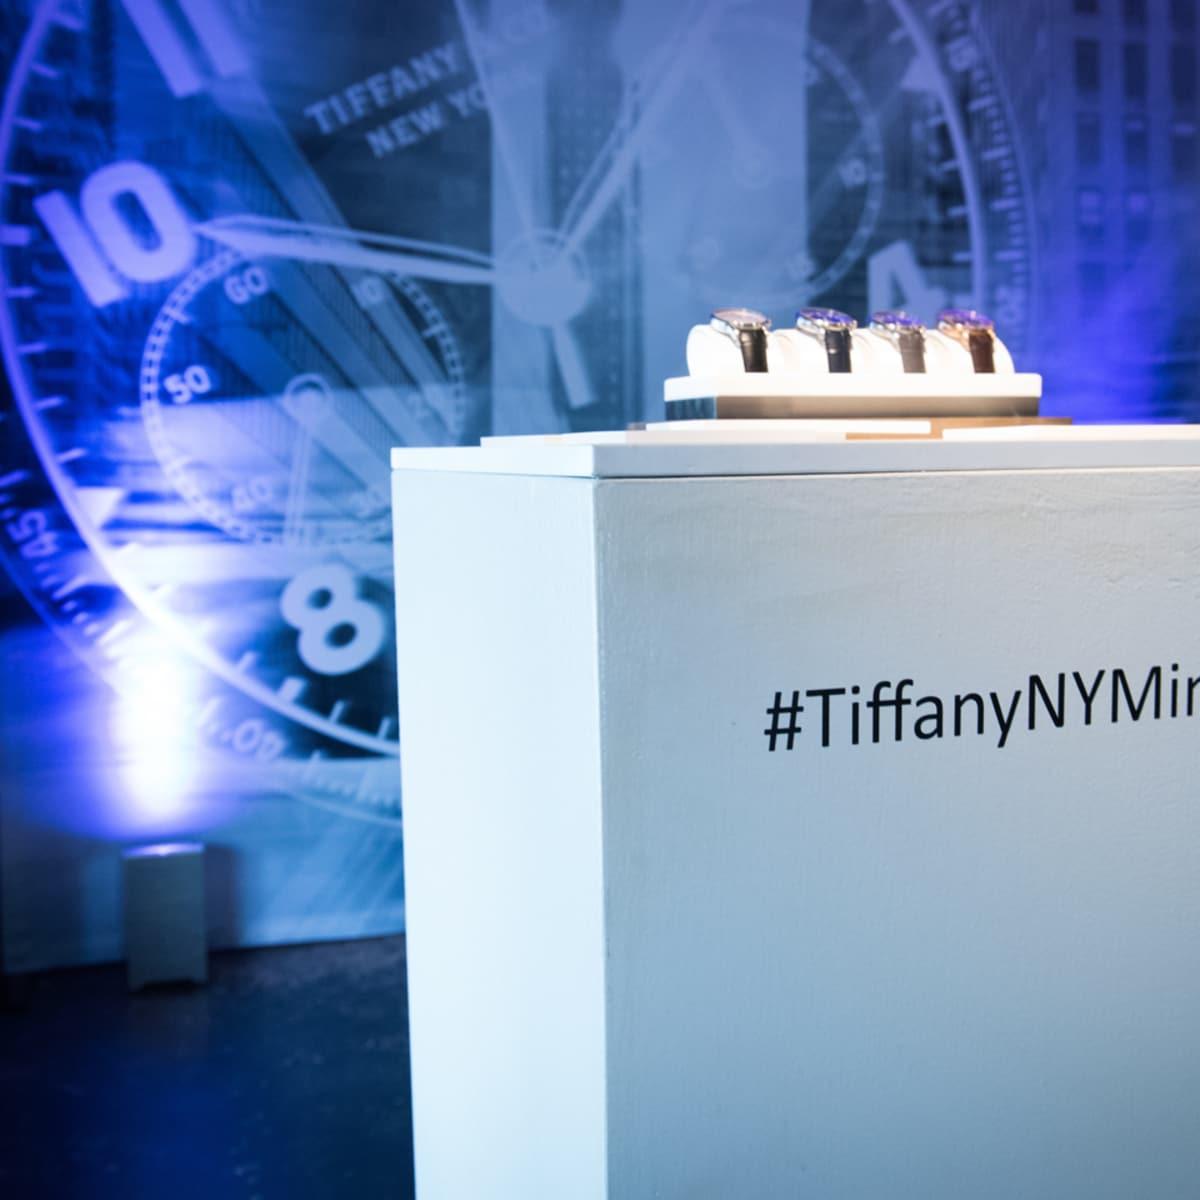 Camerata and Tiffany Watch Launch TiffanyNYMinute